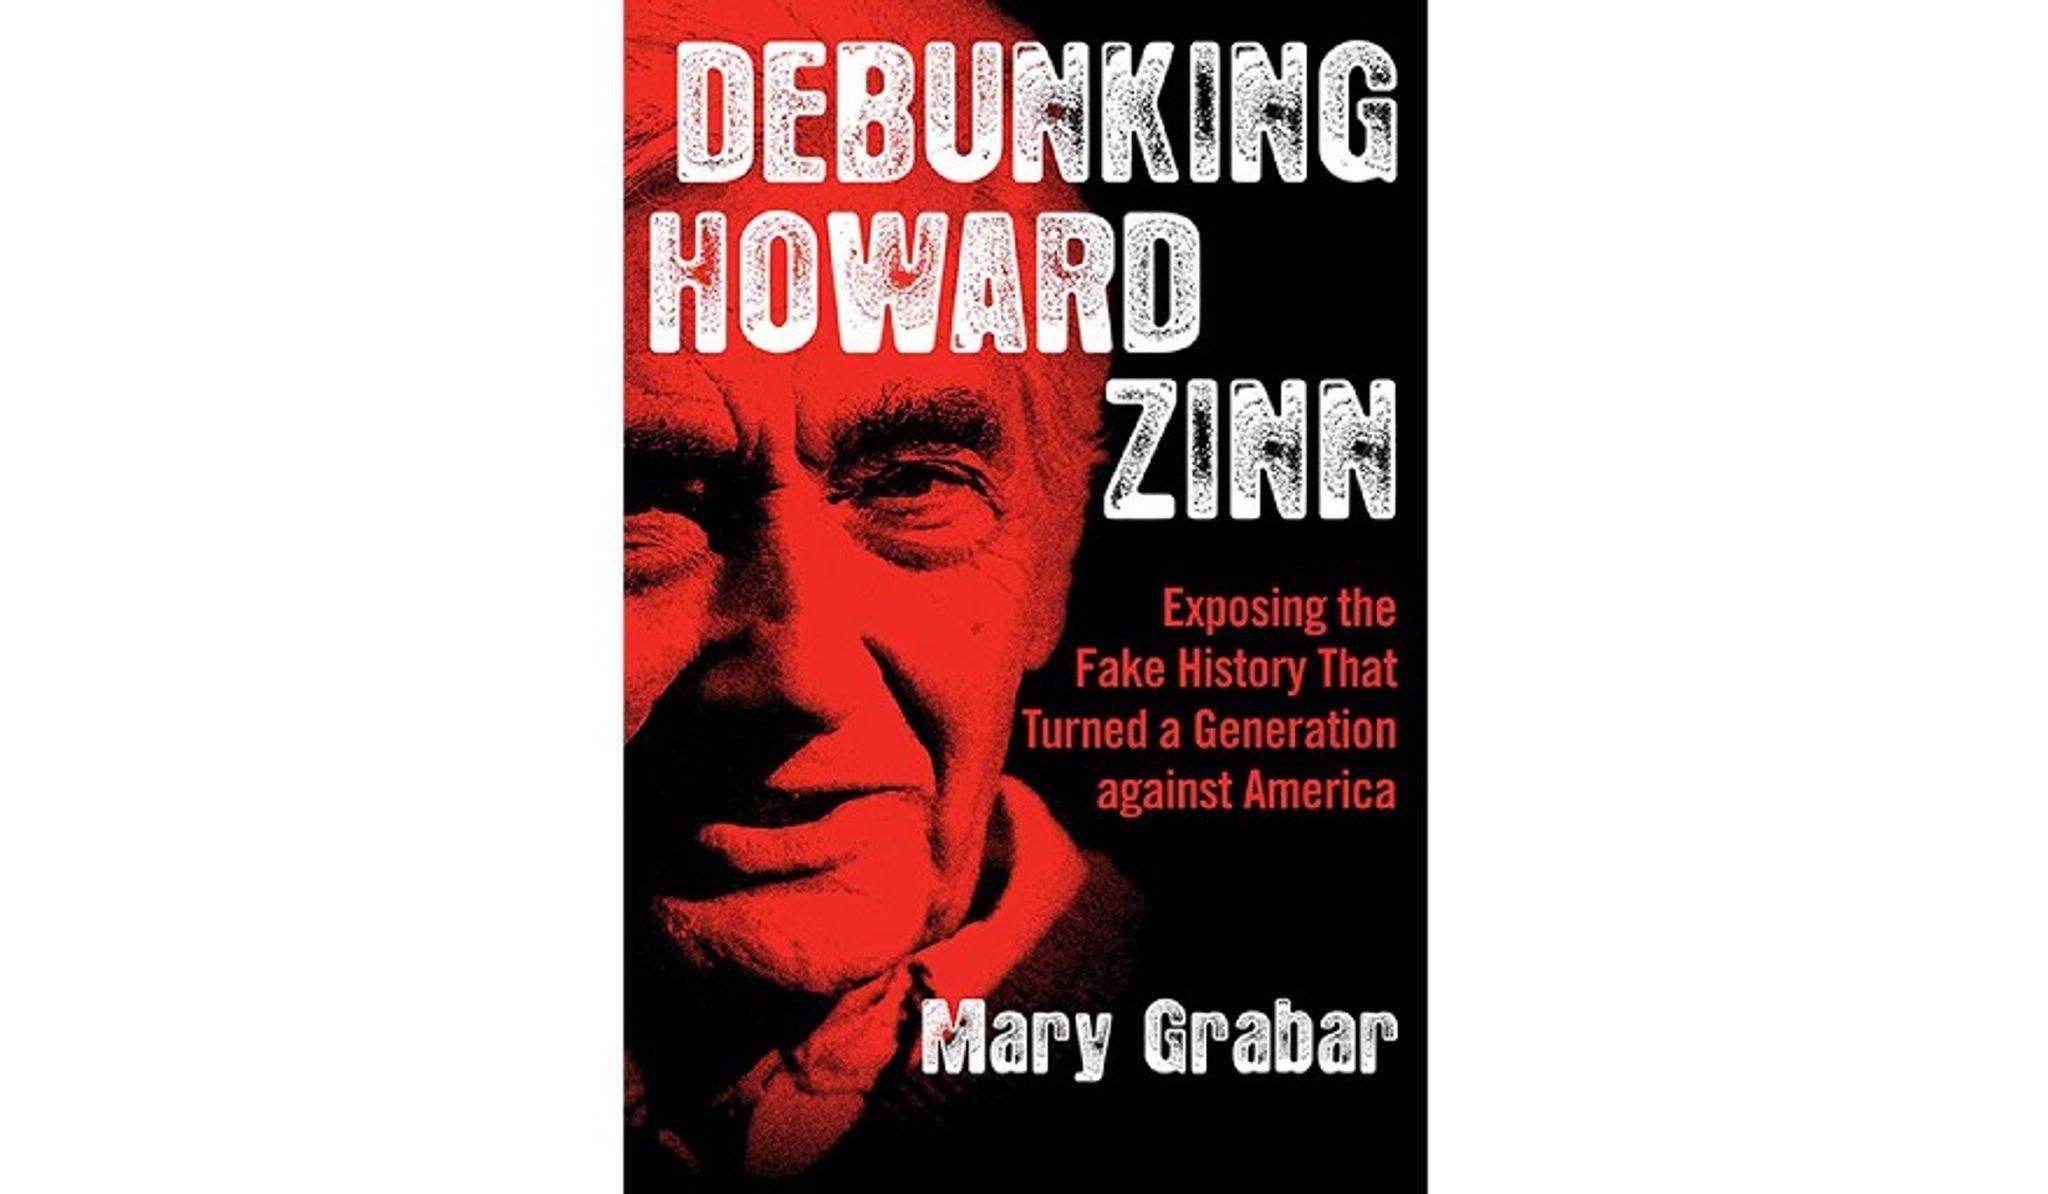 BOOK REVIEW: 'Debunking Howard Zinn'